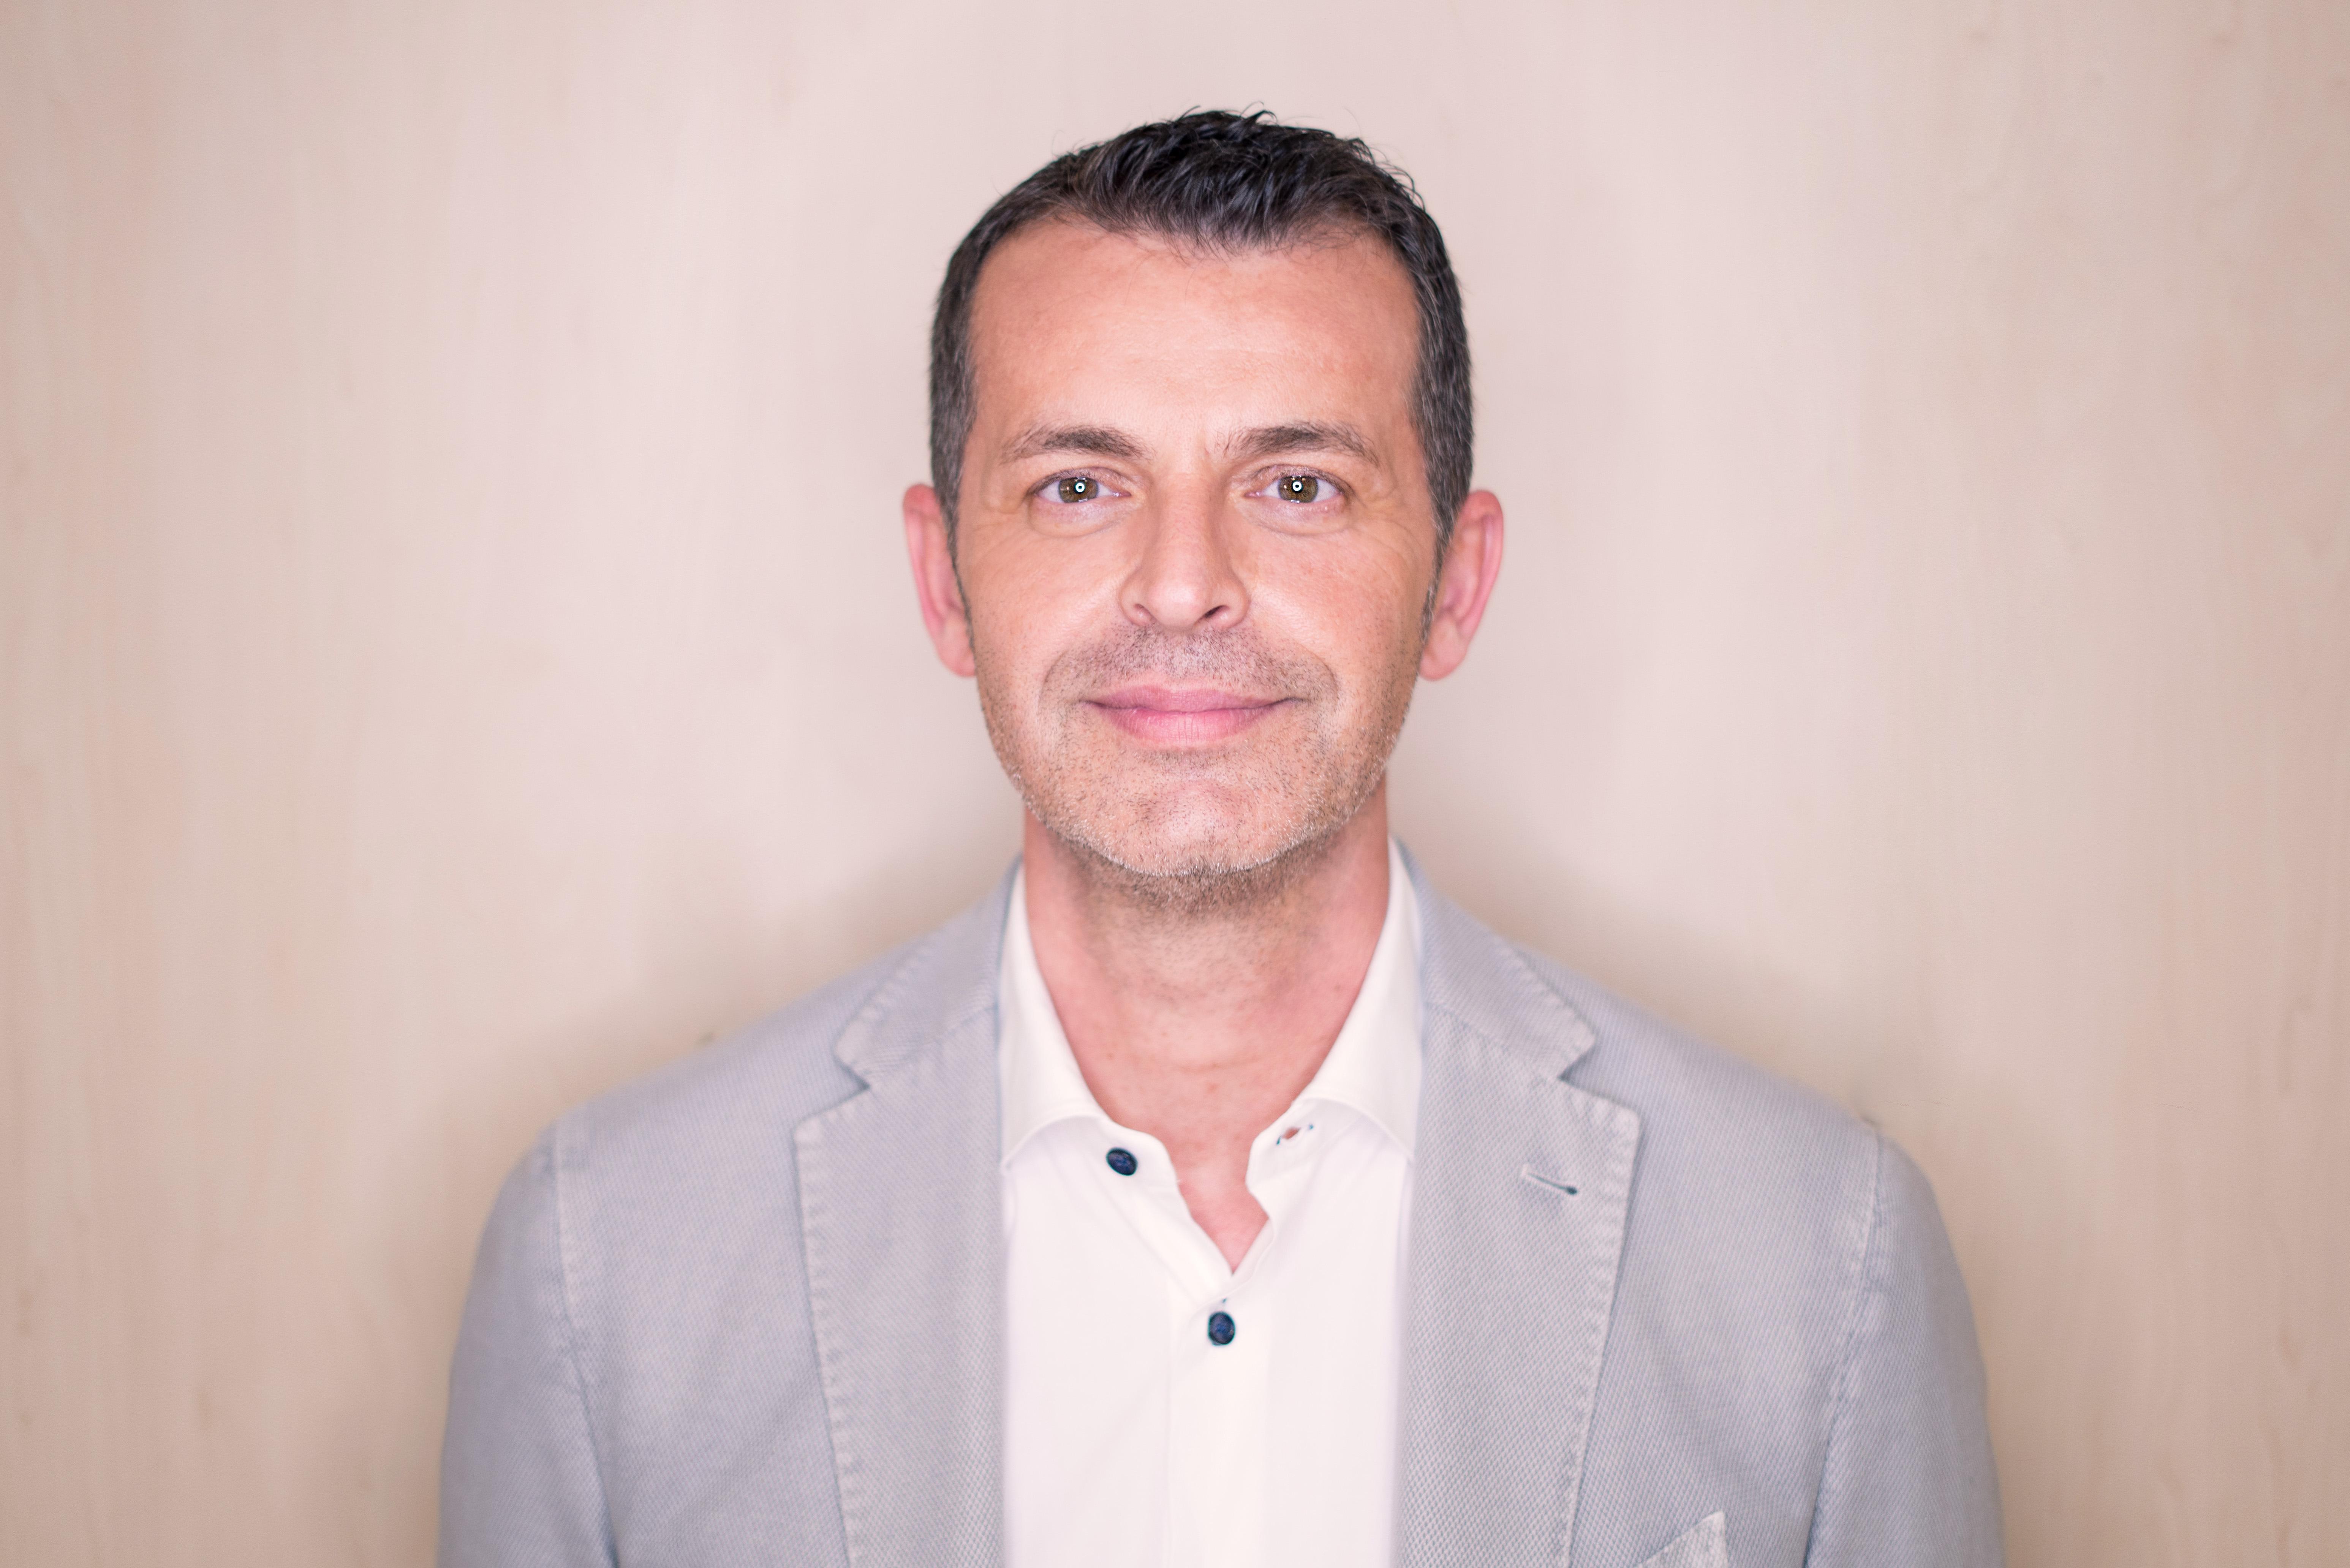 Gian Luca Pezzani